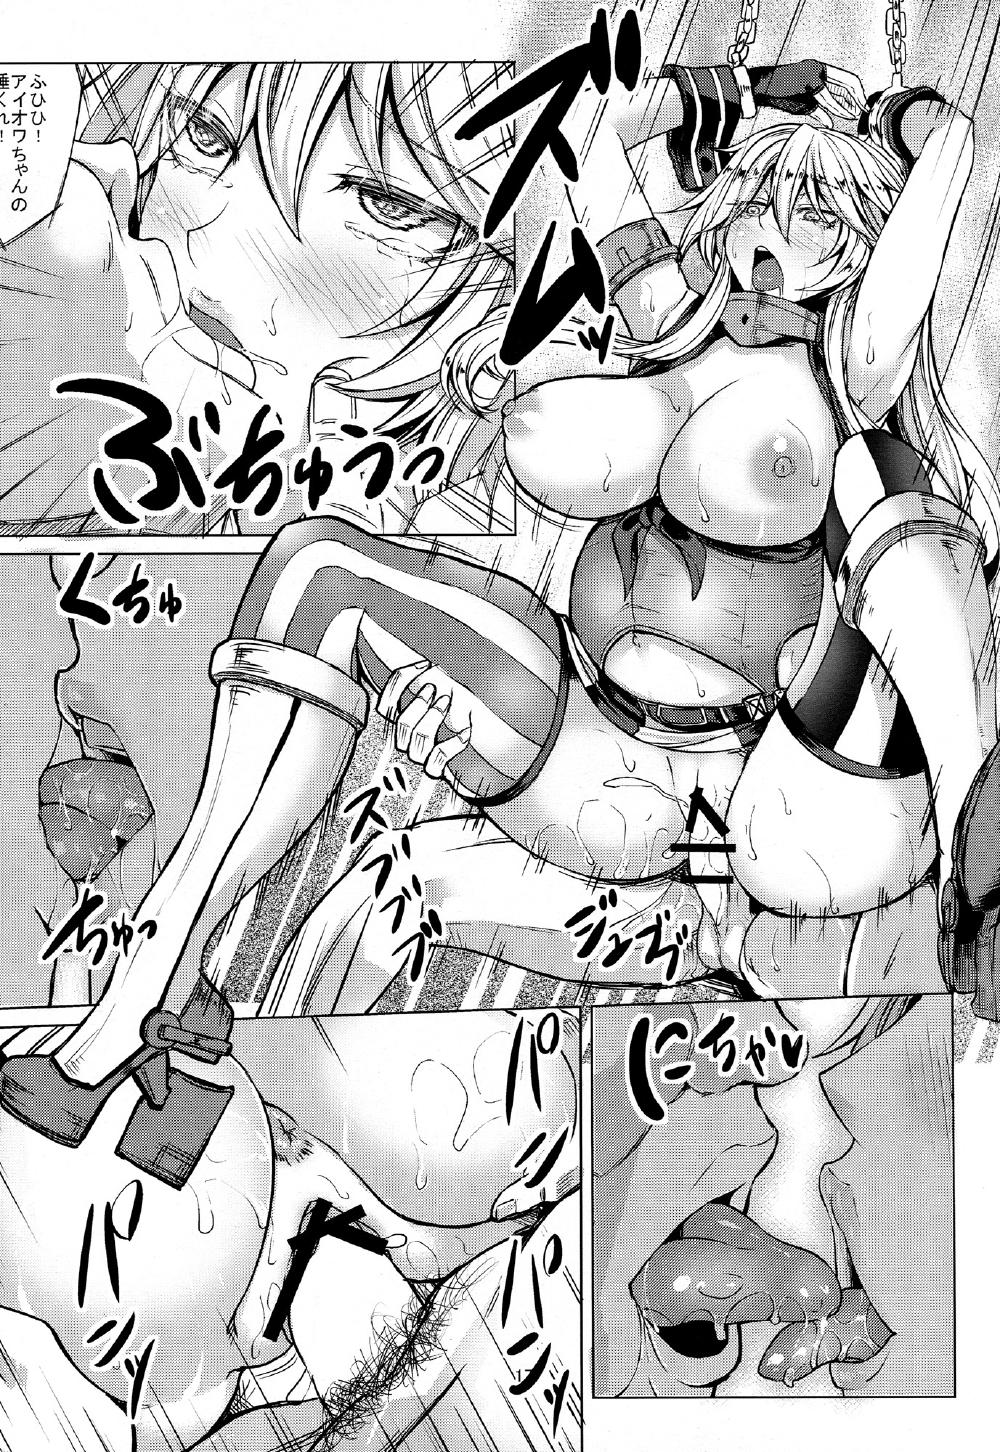 【エロ漫画】必要なくなった女戦士はそりゃあ慰安してもらうくらいかね・・・?